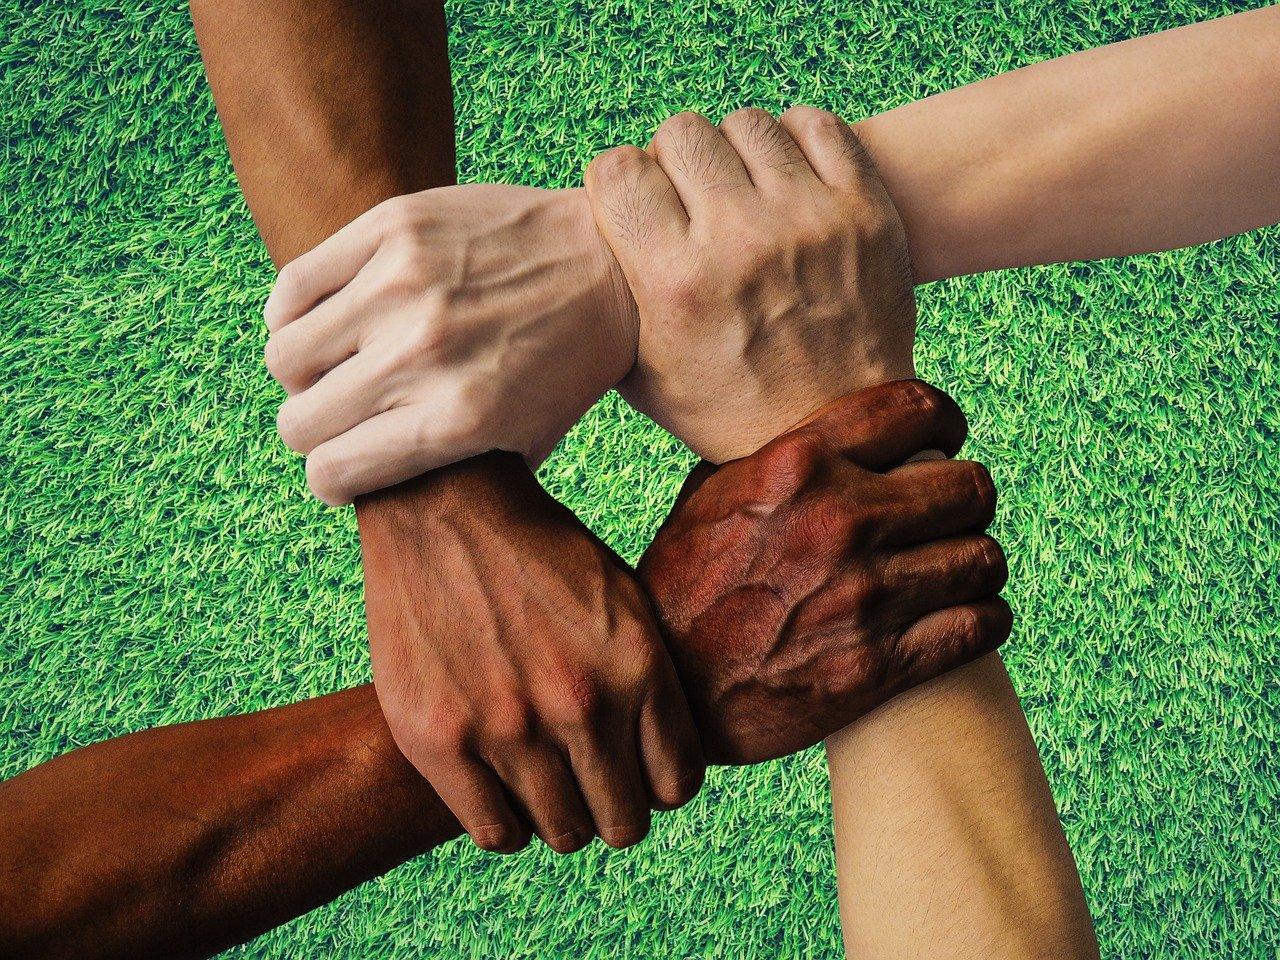 Centro de Refer�ncia Estadual da Igualdade passar� a atender v�timas de racismo e de LGBTfobia